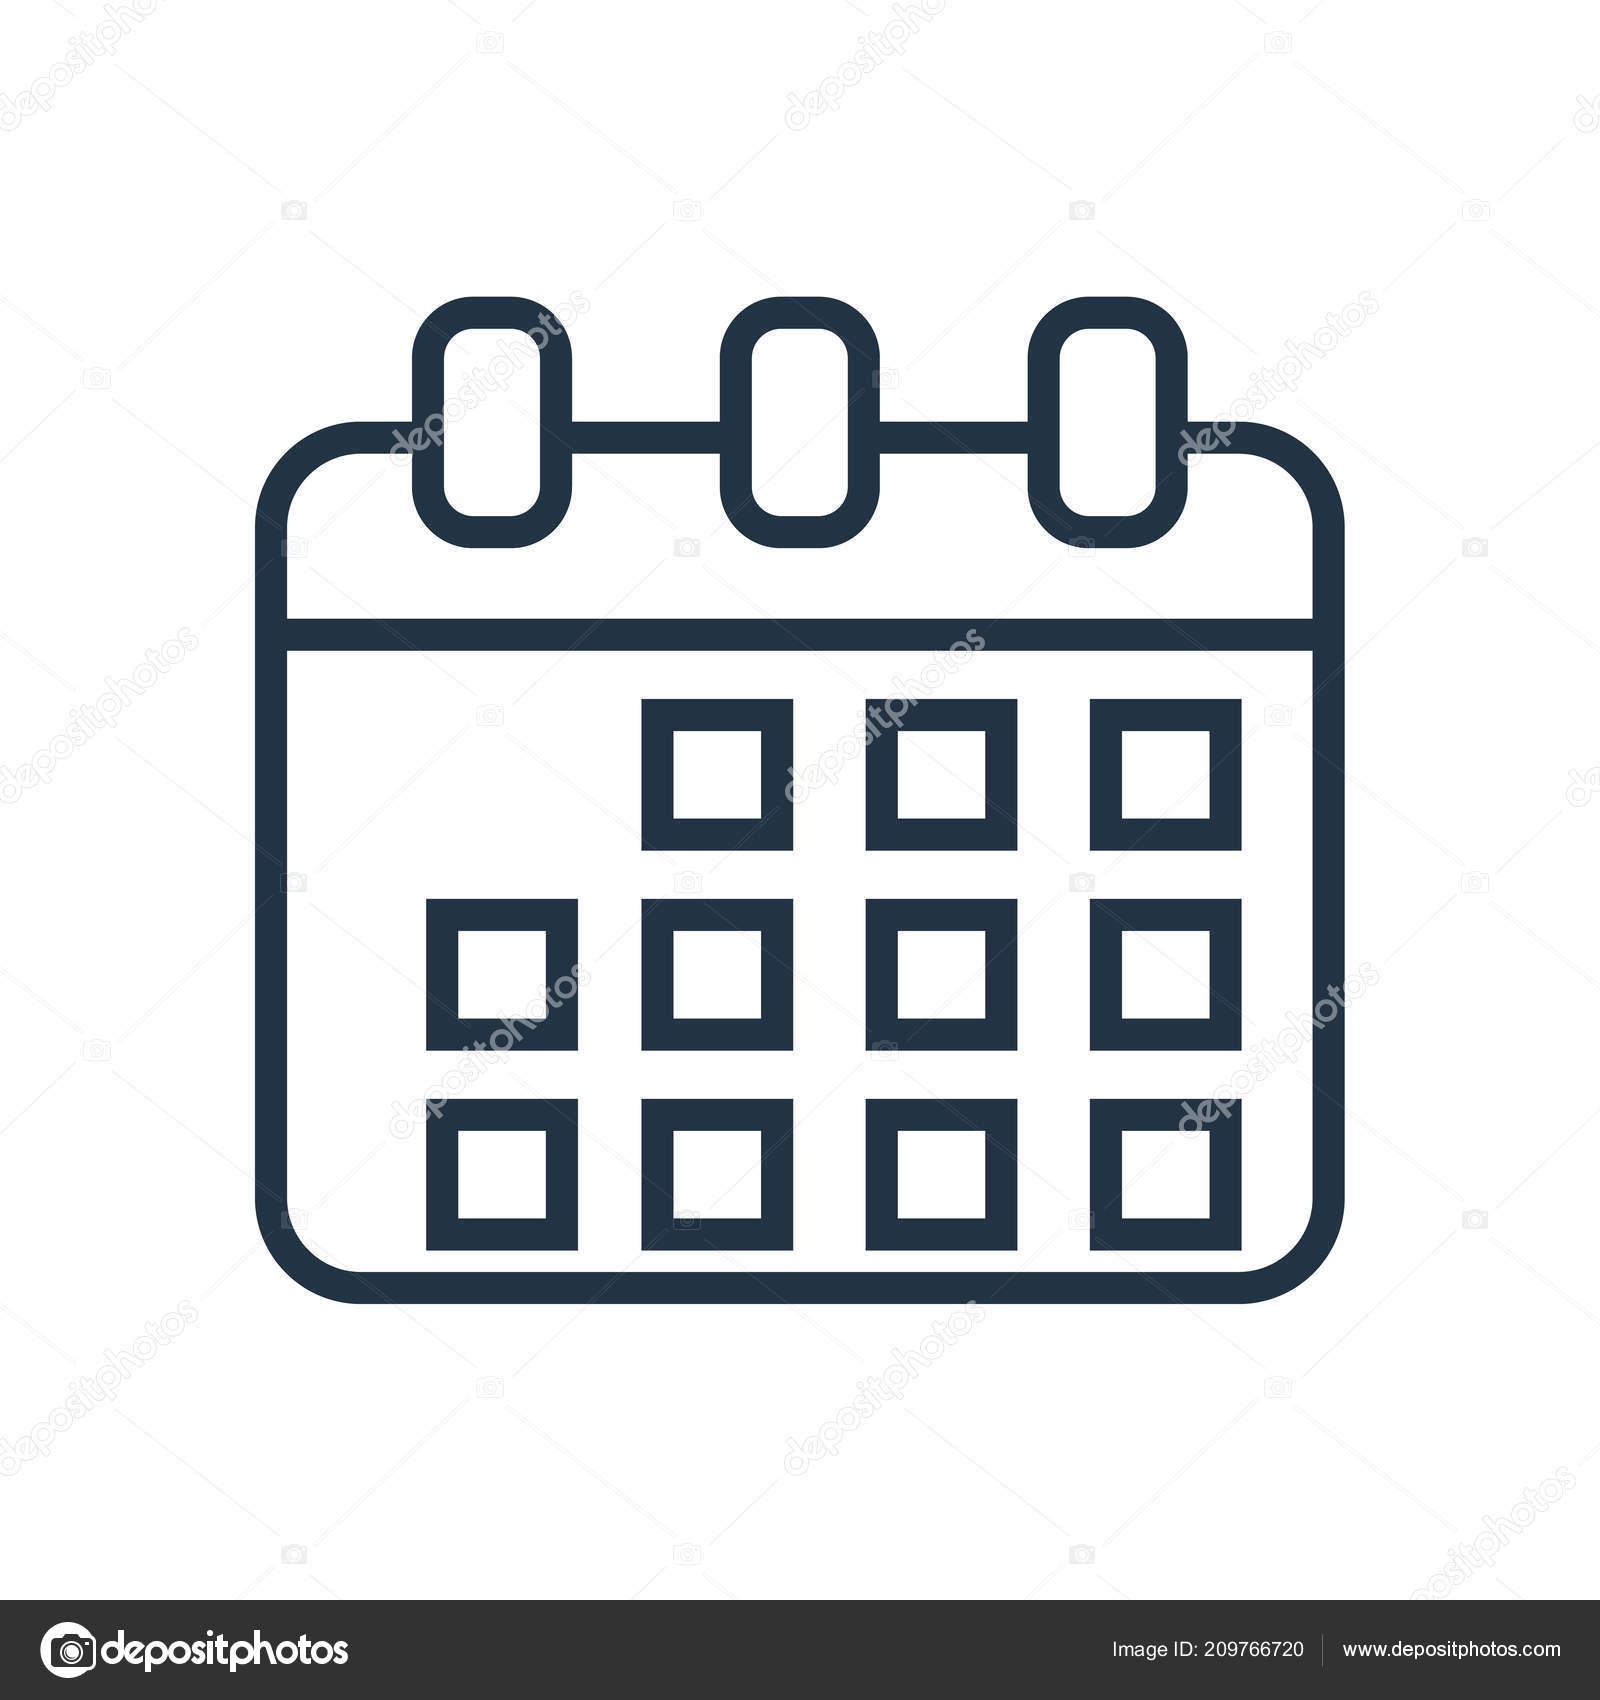 Calendario Icona.Calendario Icona Vettoriale Isolato Sfondo Bianco Segno